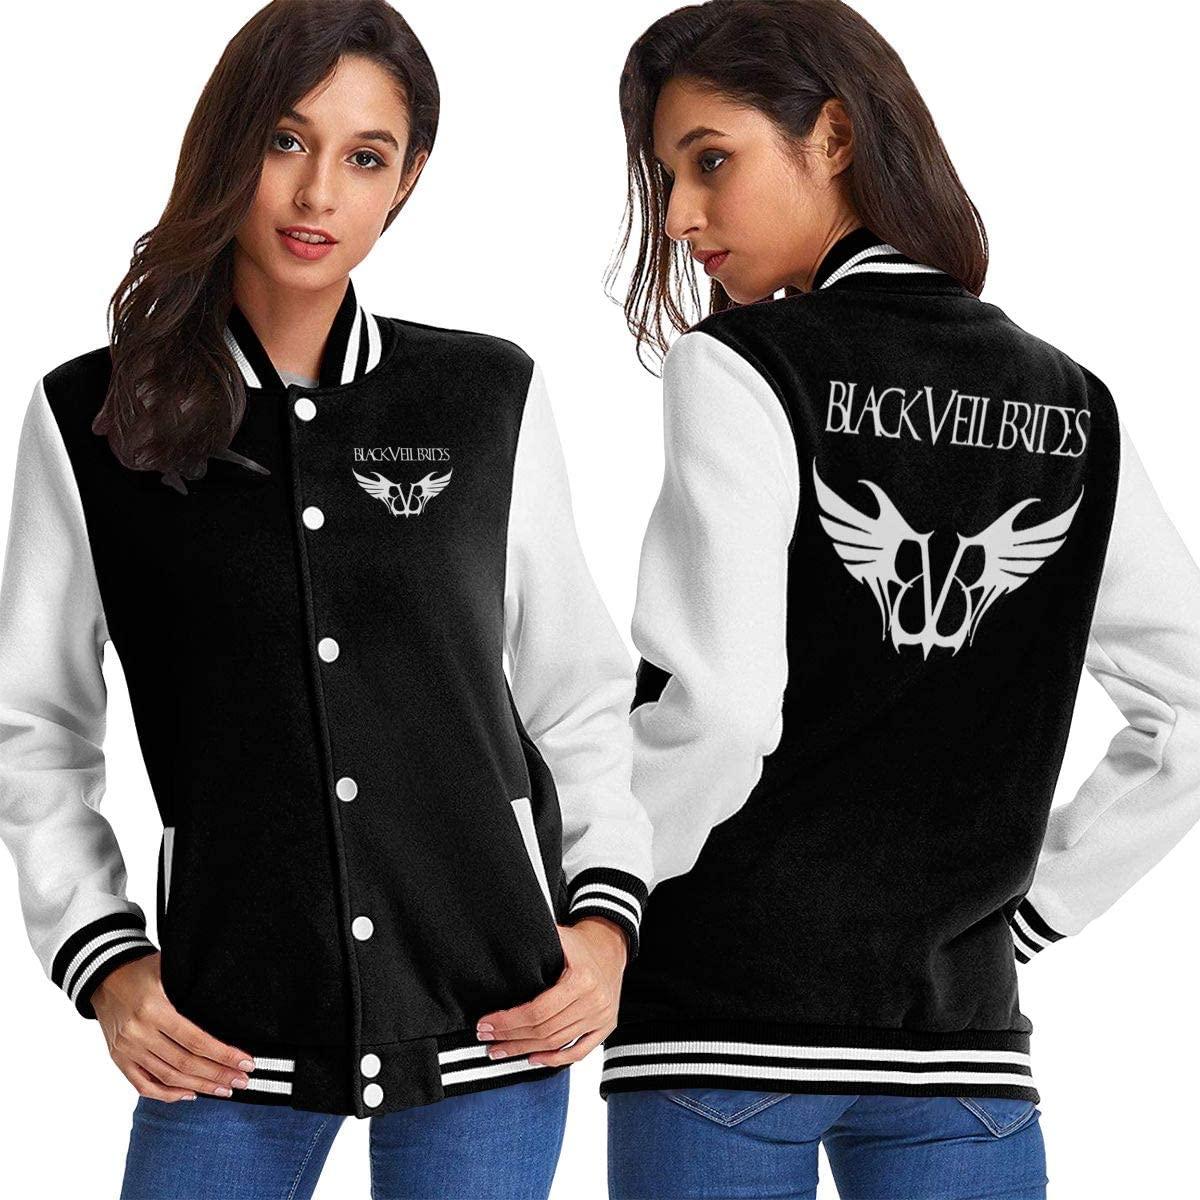 Huaichuanhua Black Veil Brides Womens Sport Baseball Uniform Jacket Coat Adult Coat